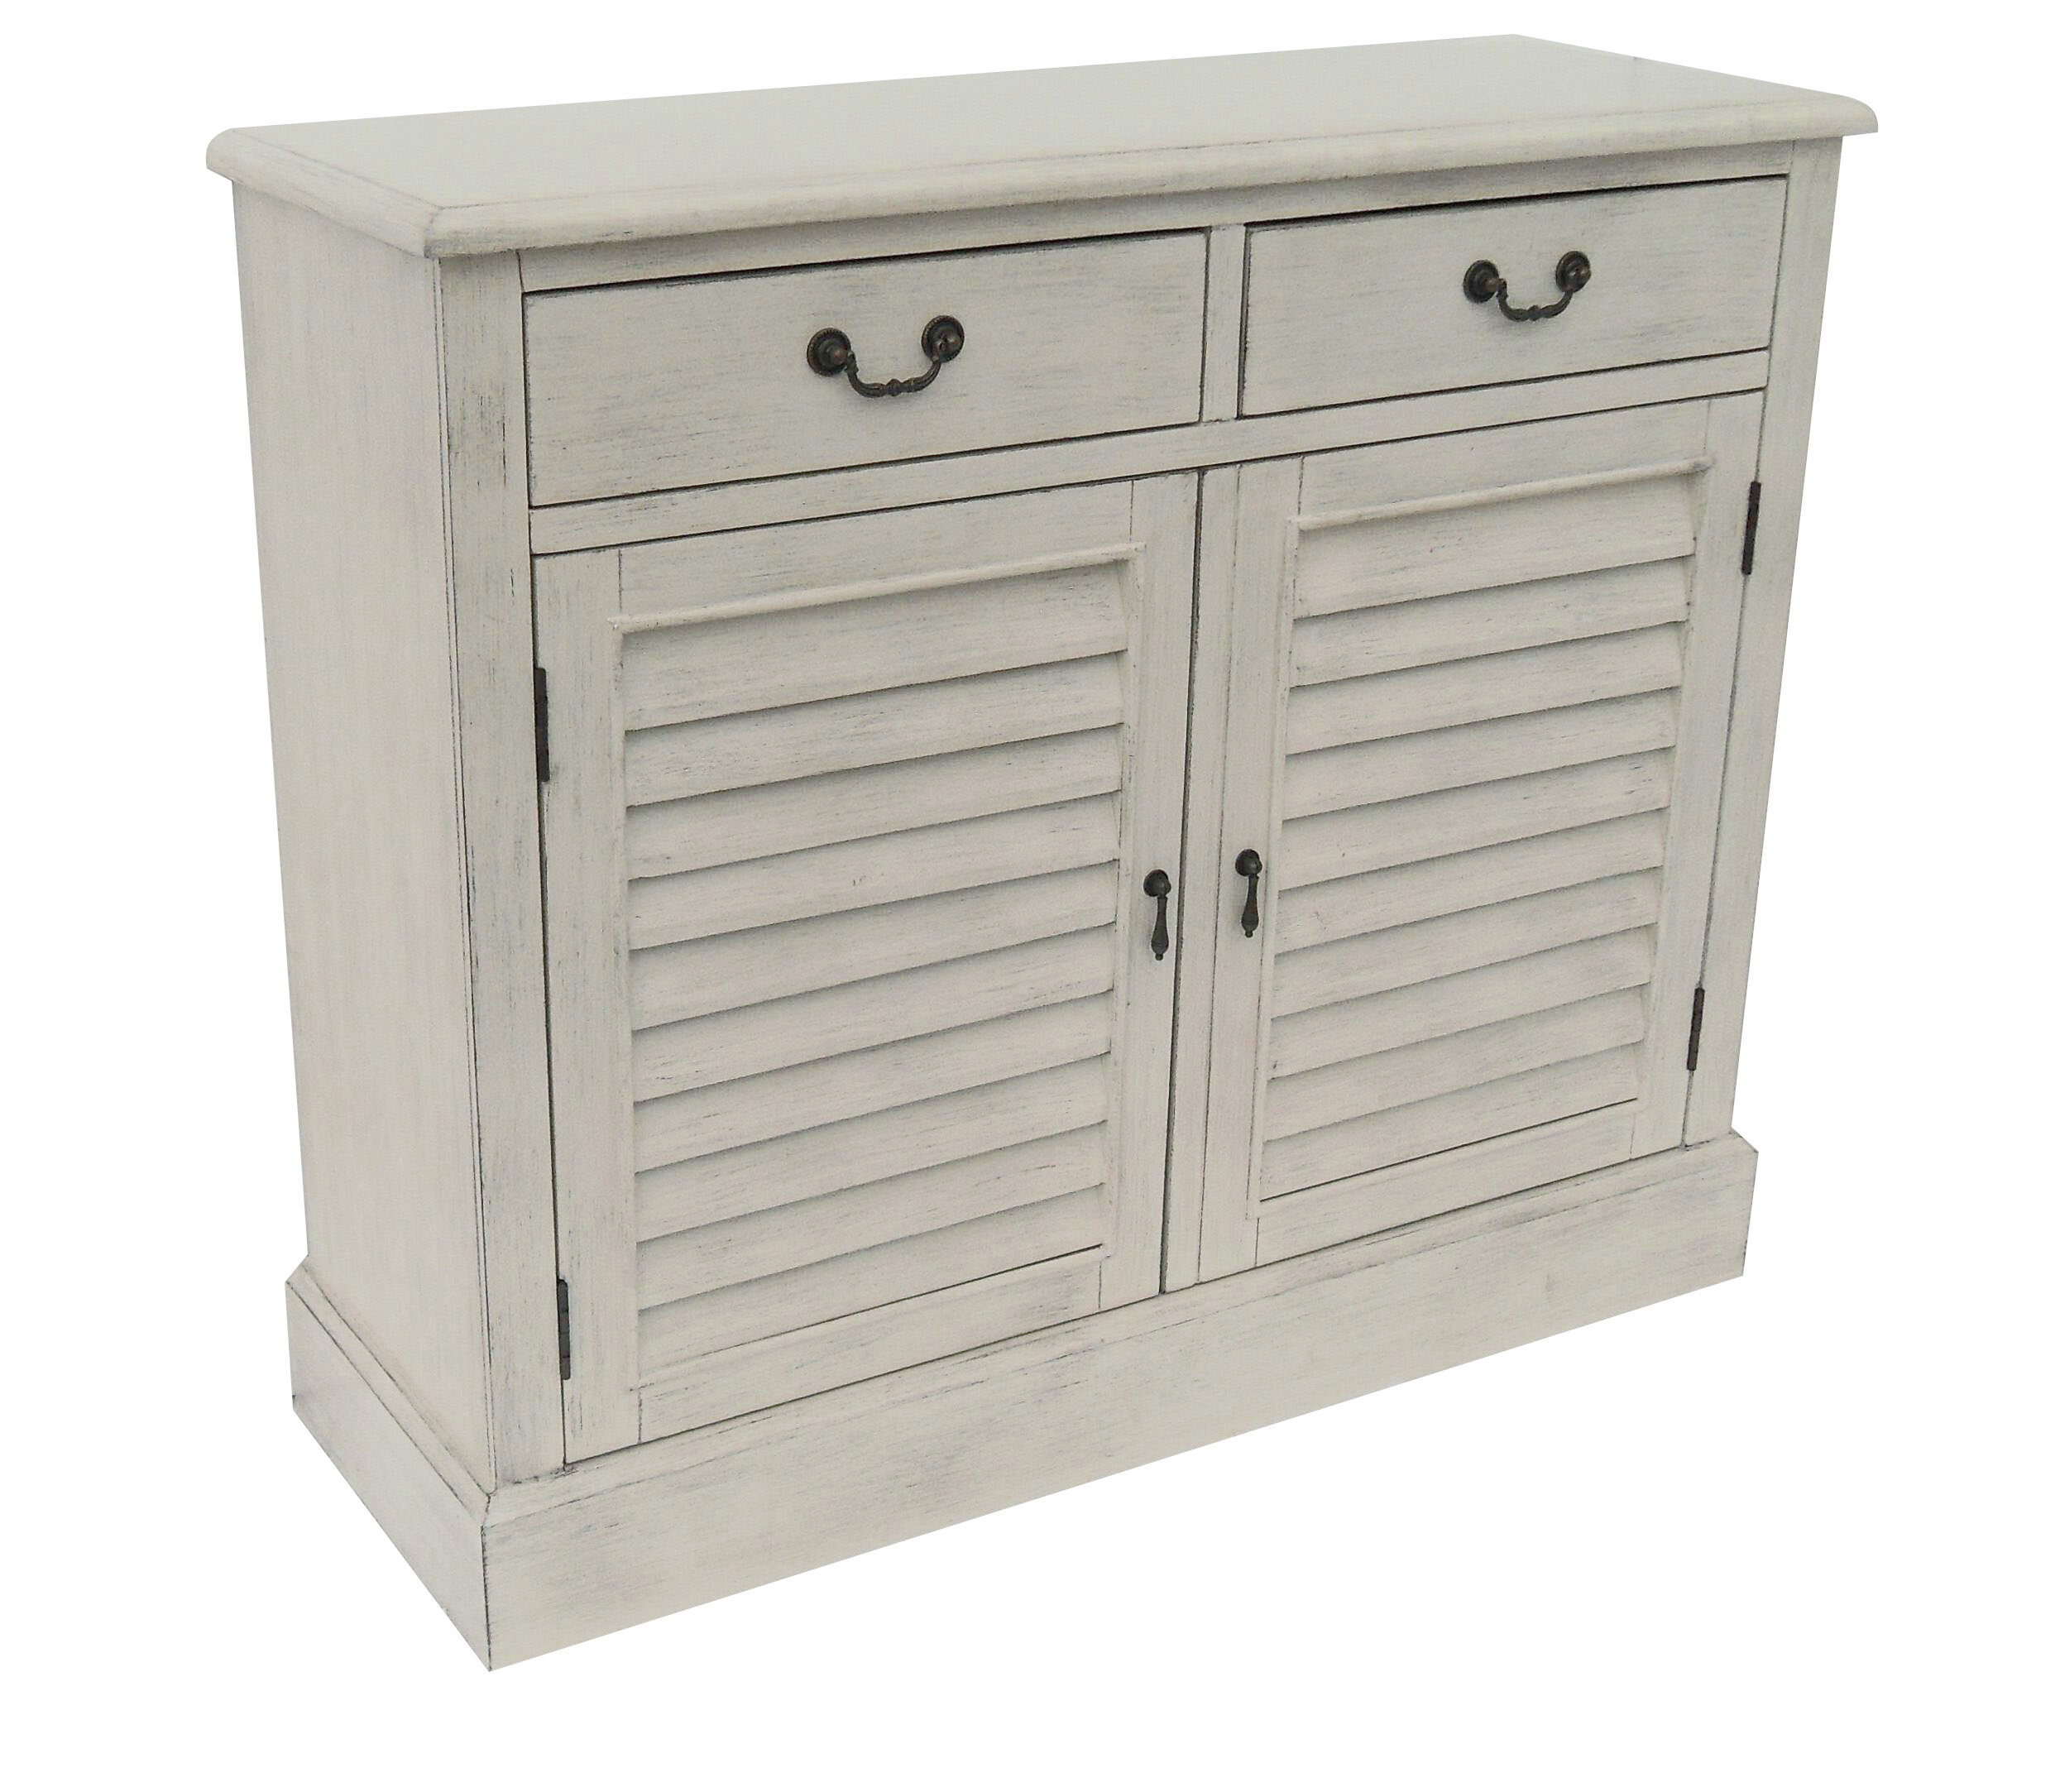 2 Door 2 Drawer Shetter Cabinet